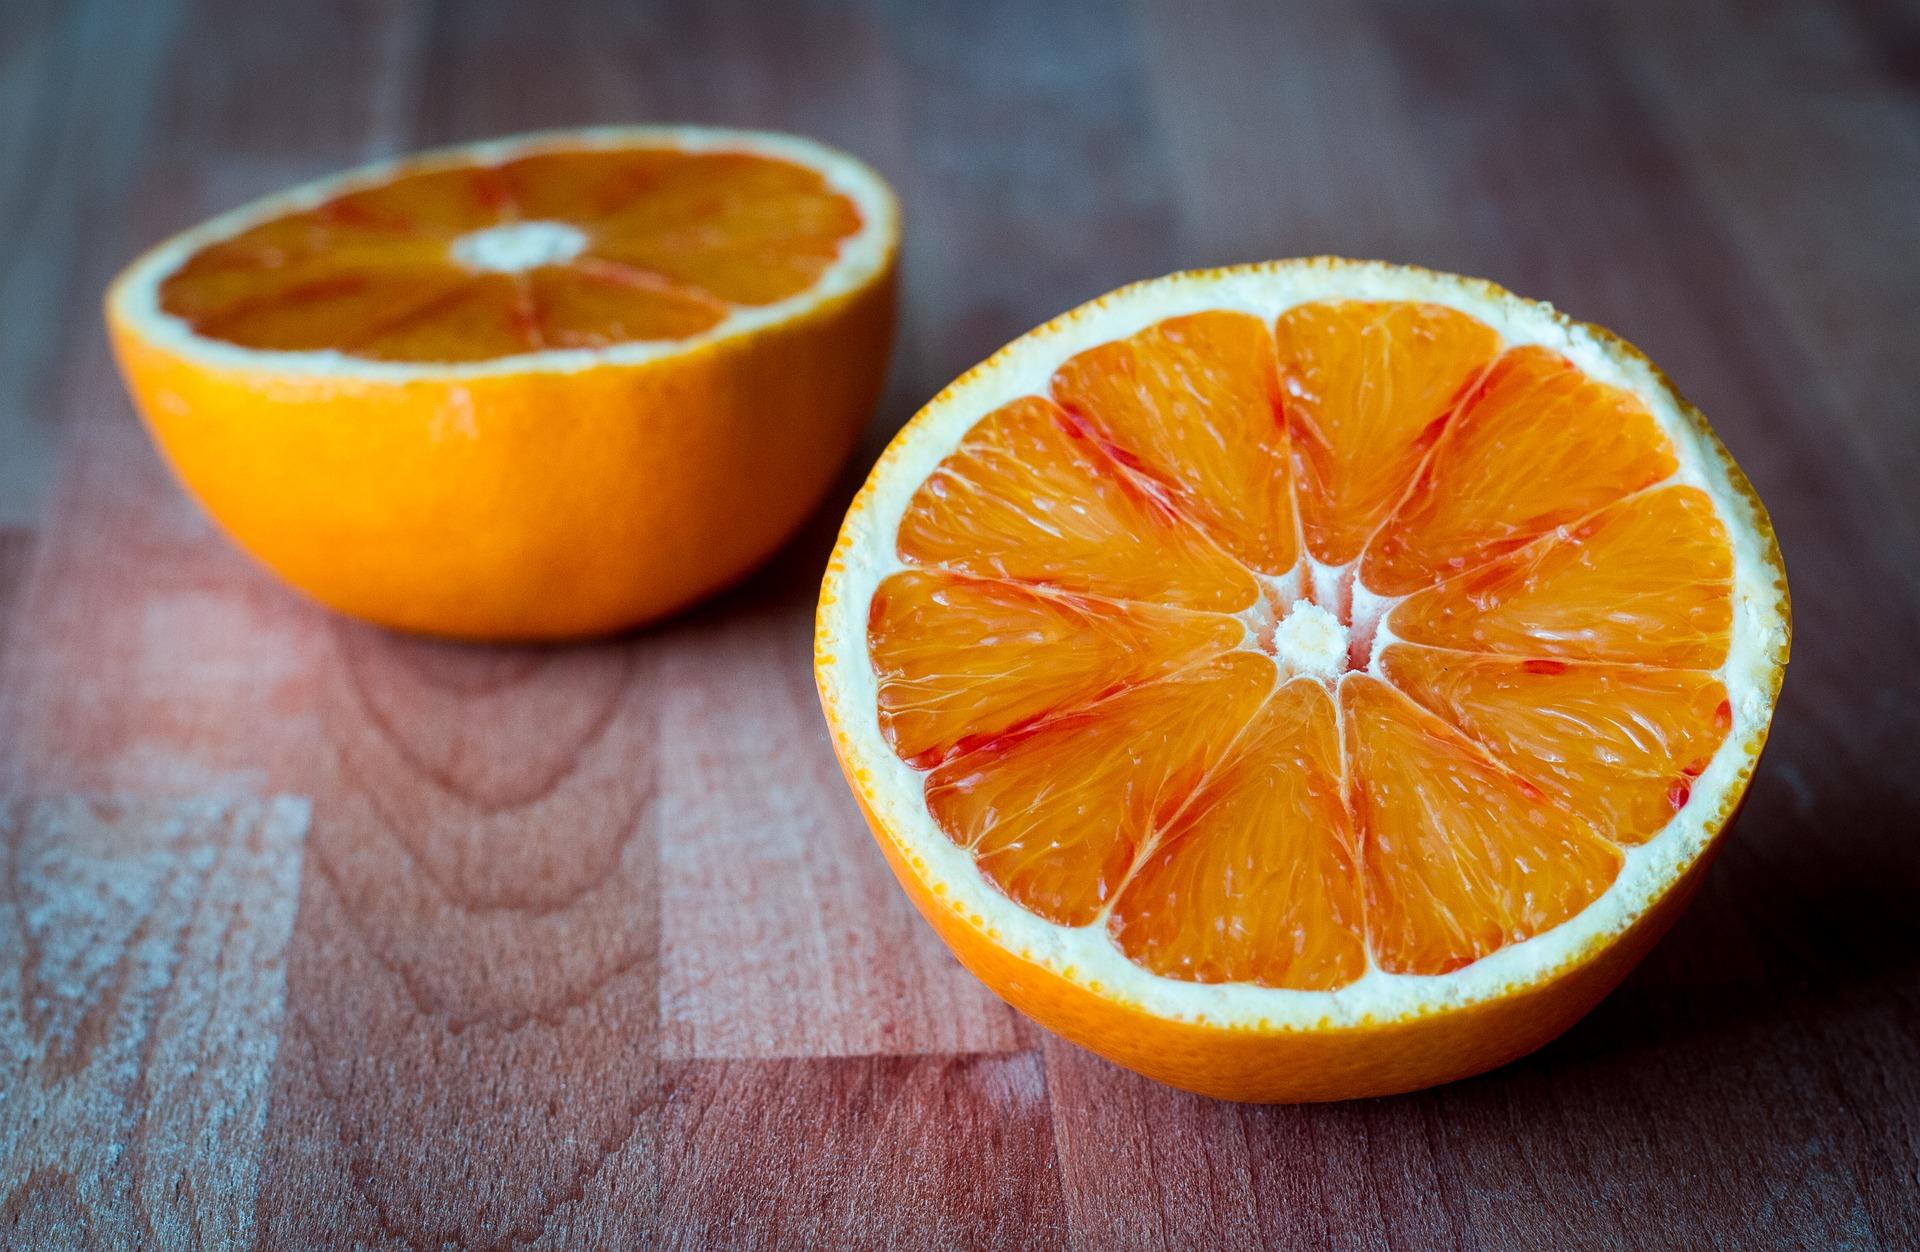 ciasto czekoladowe z pomarańczą, ciasto czekoladowe z pomarańczami, ciasto czekoladowe pomarańcza, ciasto czekoladowo-pomarańczowe, ciasto czekoladowo pomarańczowe, placek czekolada pomarańcza, placek czekolada pomarańcza, placek czekoladowo-pomarańczowy, placek czekoladowo pomarańczowy, przepis na ciasto czekoladowe, pomarańcza z Sycylii, sycylijskie pomarańcza, Sycylia, pomarańcza z sycylii, sok pomarańczowy, łatwe ciasto, łatwy placek, łatwy przepis na ciasto, łatwy przepis na placek, placek z pomarańczami, ciasto z pomarańczami, skórka pomarńczowa i czekolada, niemiecki na sycylii, ciasto dla gości, szybkie ciasto, szybki placek, szybki tort, drzewo pomarańczowe, połówki pomarańczy